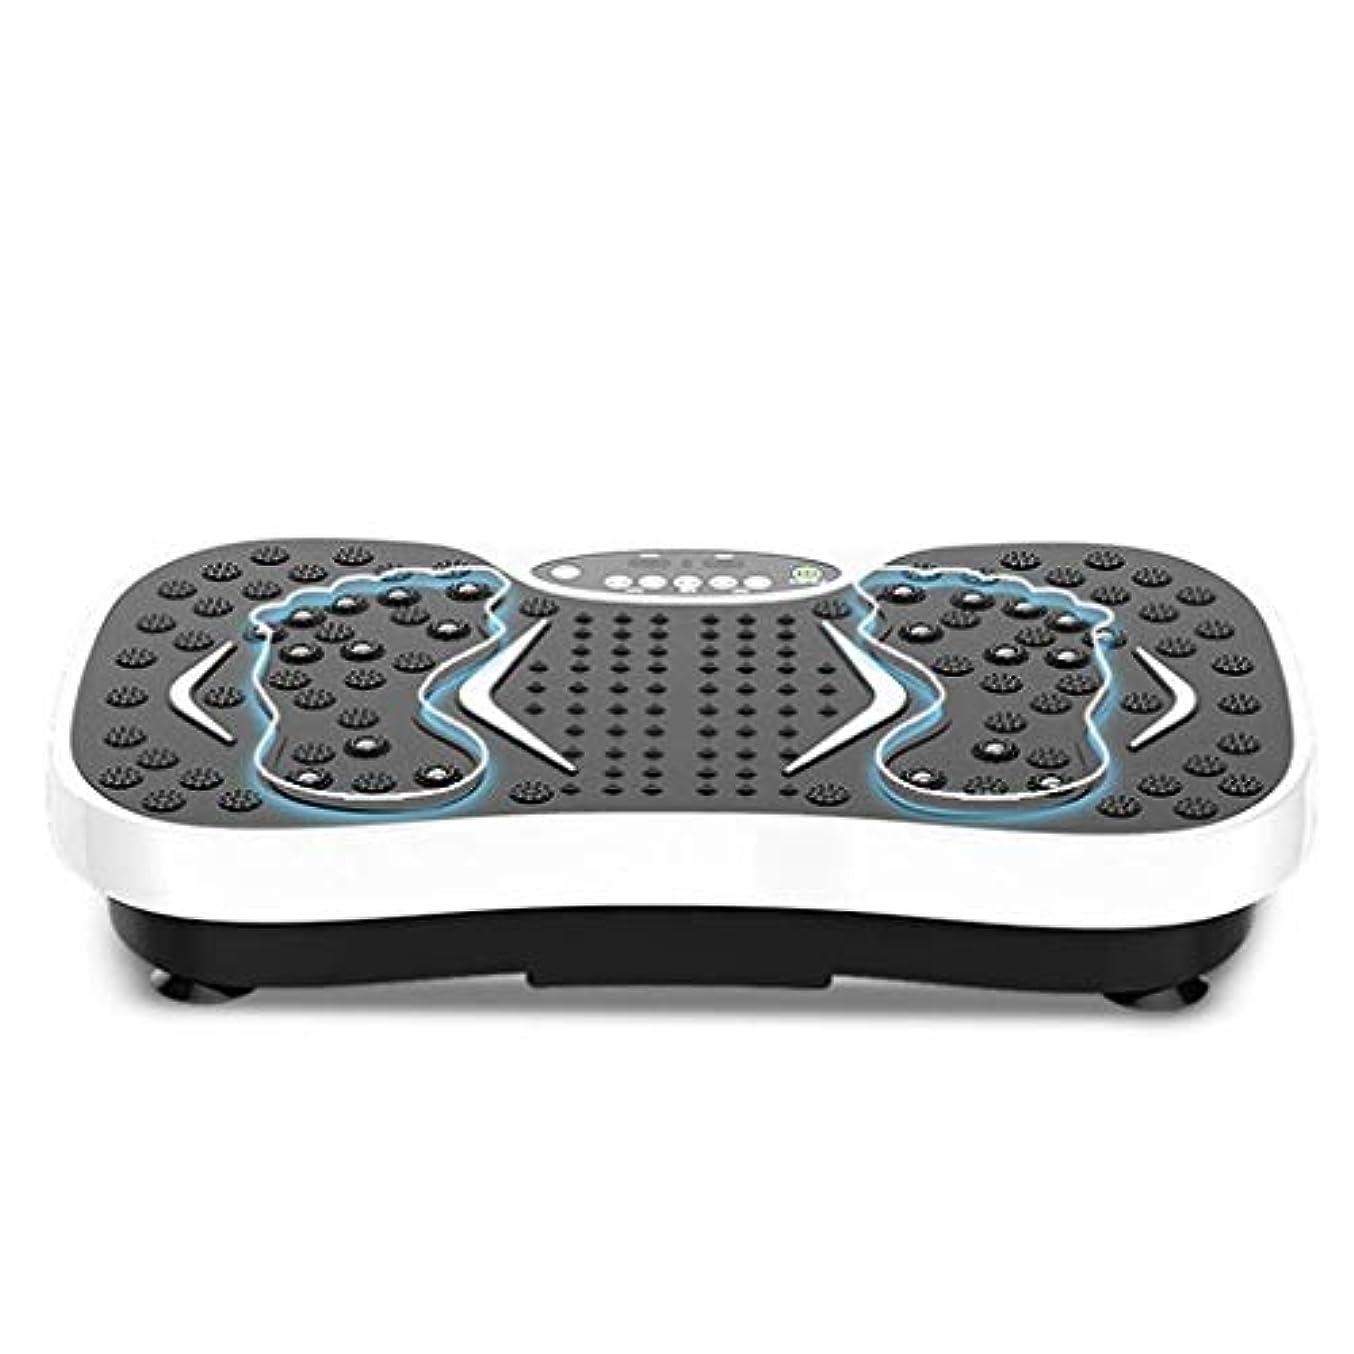 見かけ上塊心臓減量機、運動衝撃吸収フィットネスモデル減量機ユニセックス振動板、家庭/ジムに最適(最大負荷150KG) (Color : 白)